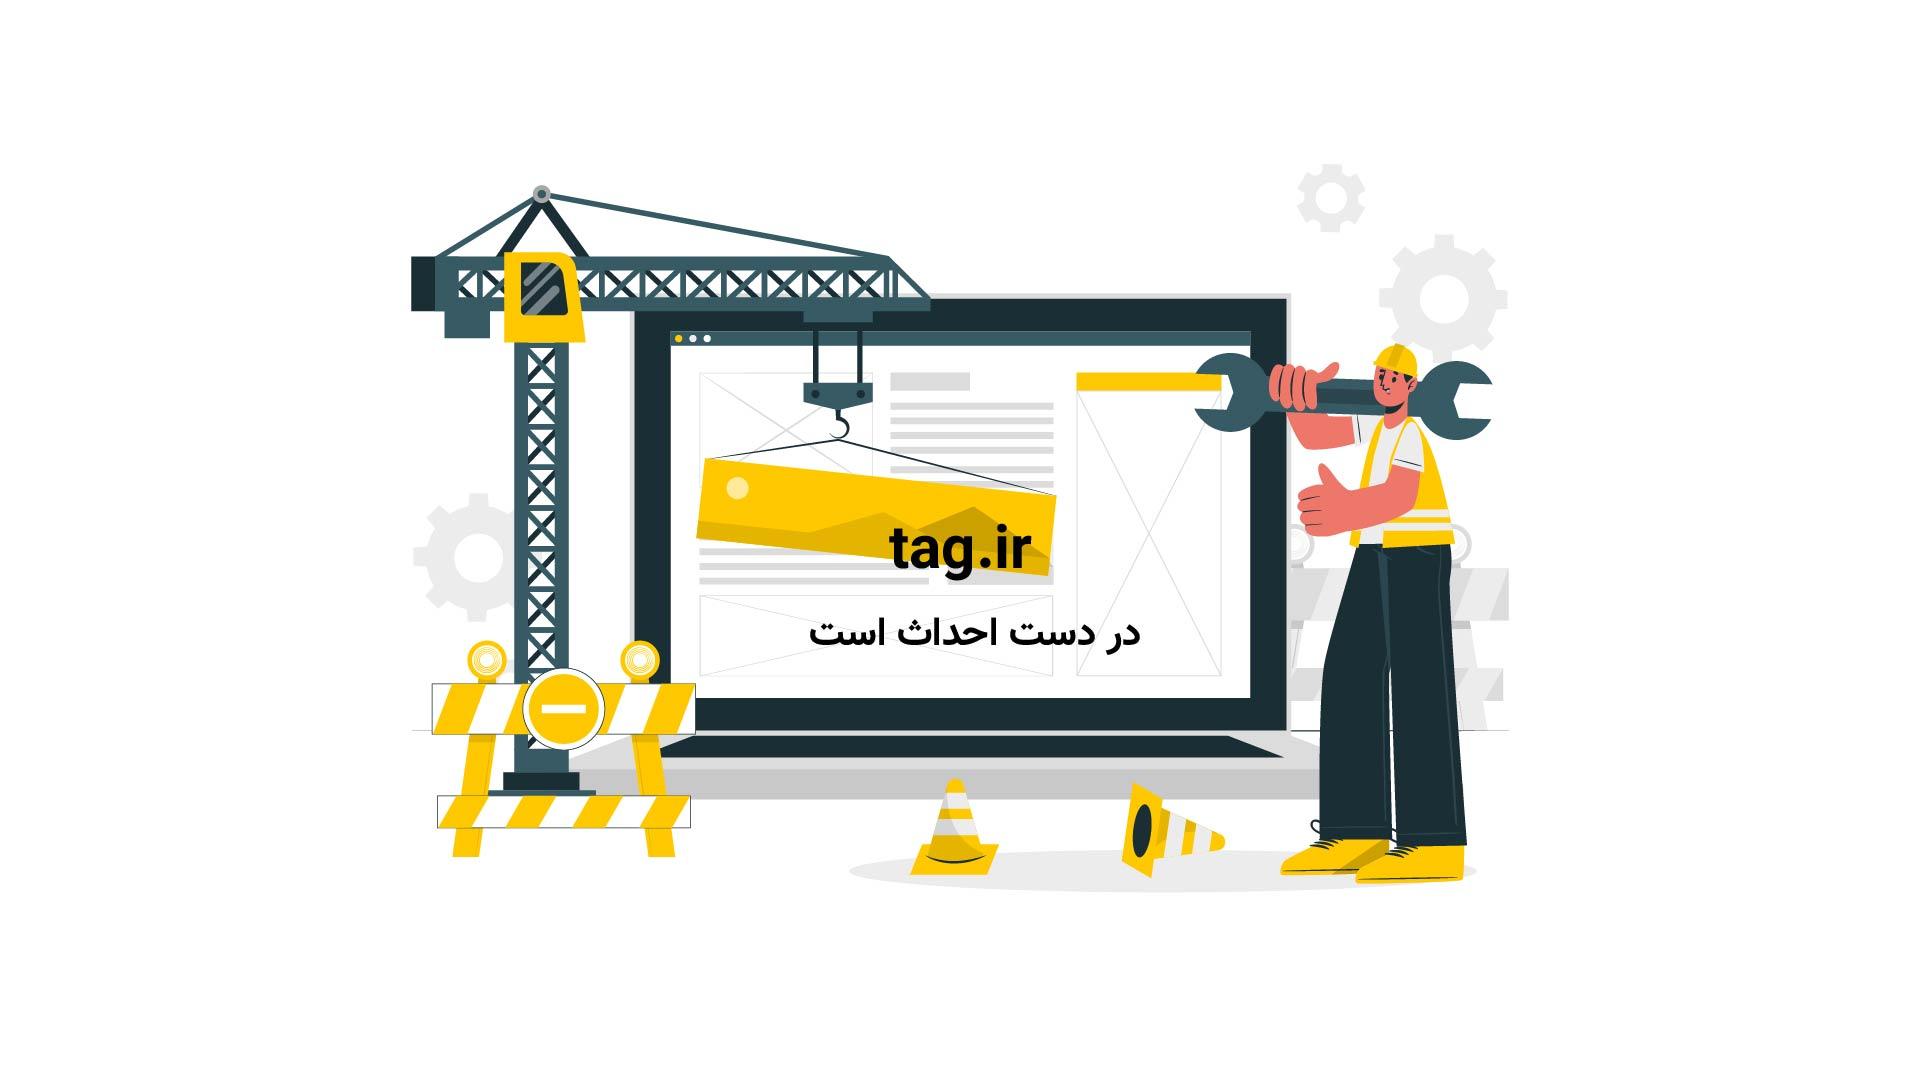 تصاویر خروج تروریستها از حلب از دید پهپاد روسی | فیلم